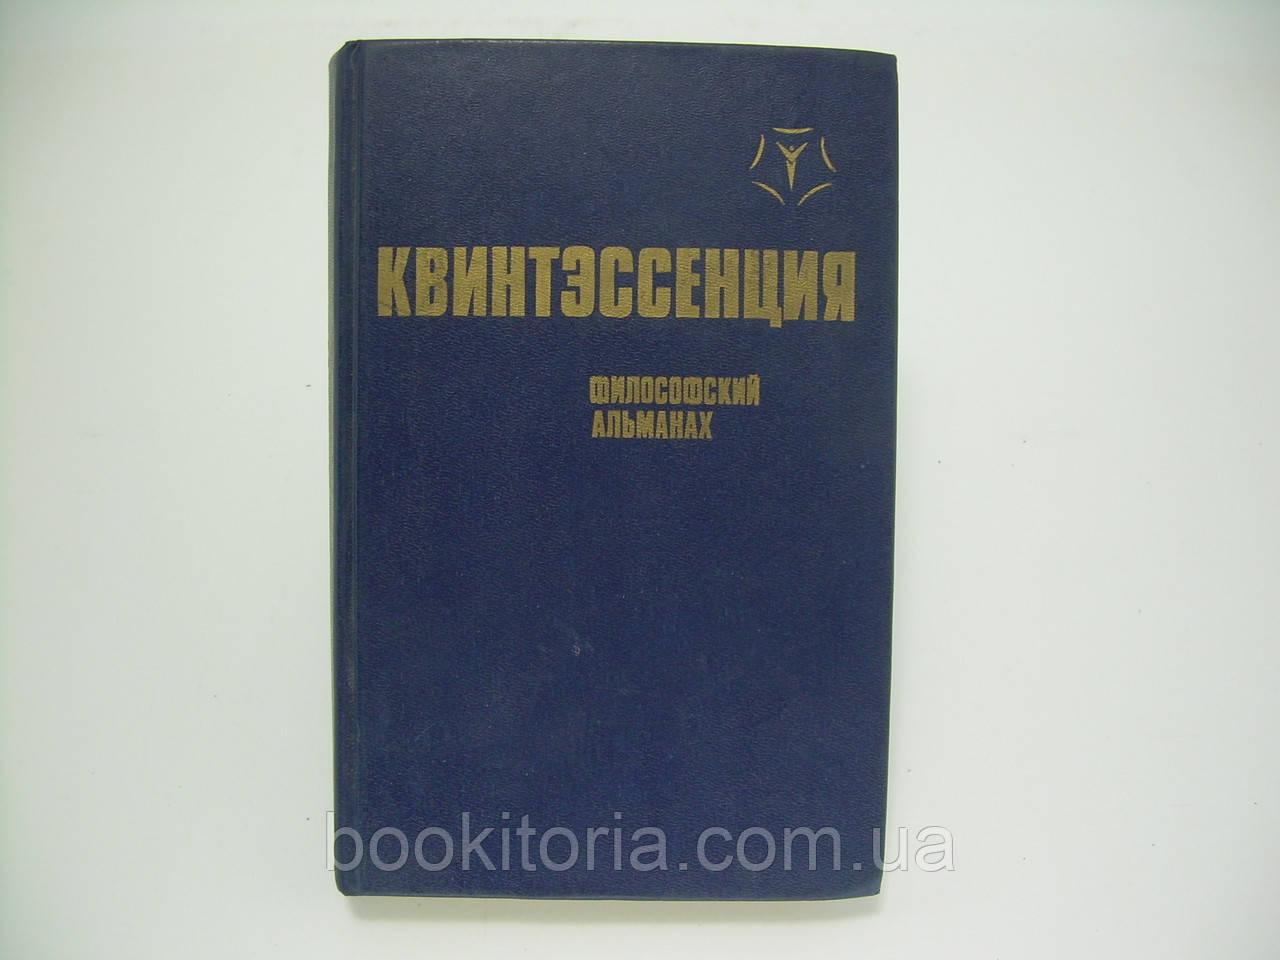 Квинтэссенция. Философский альманах (б/у)., фото 1